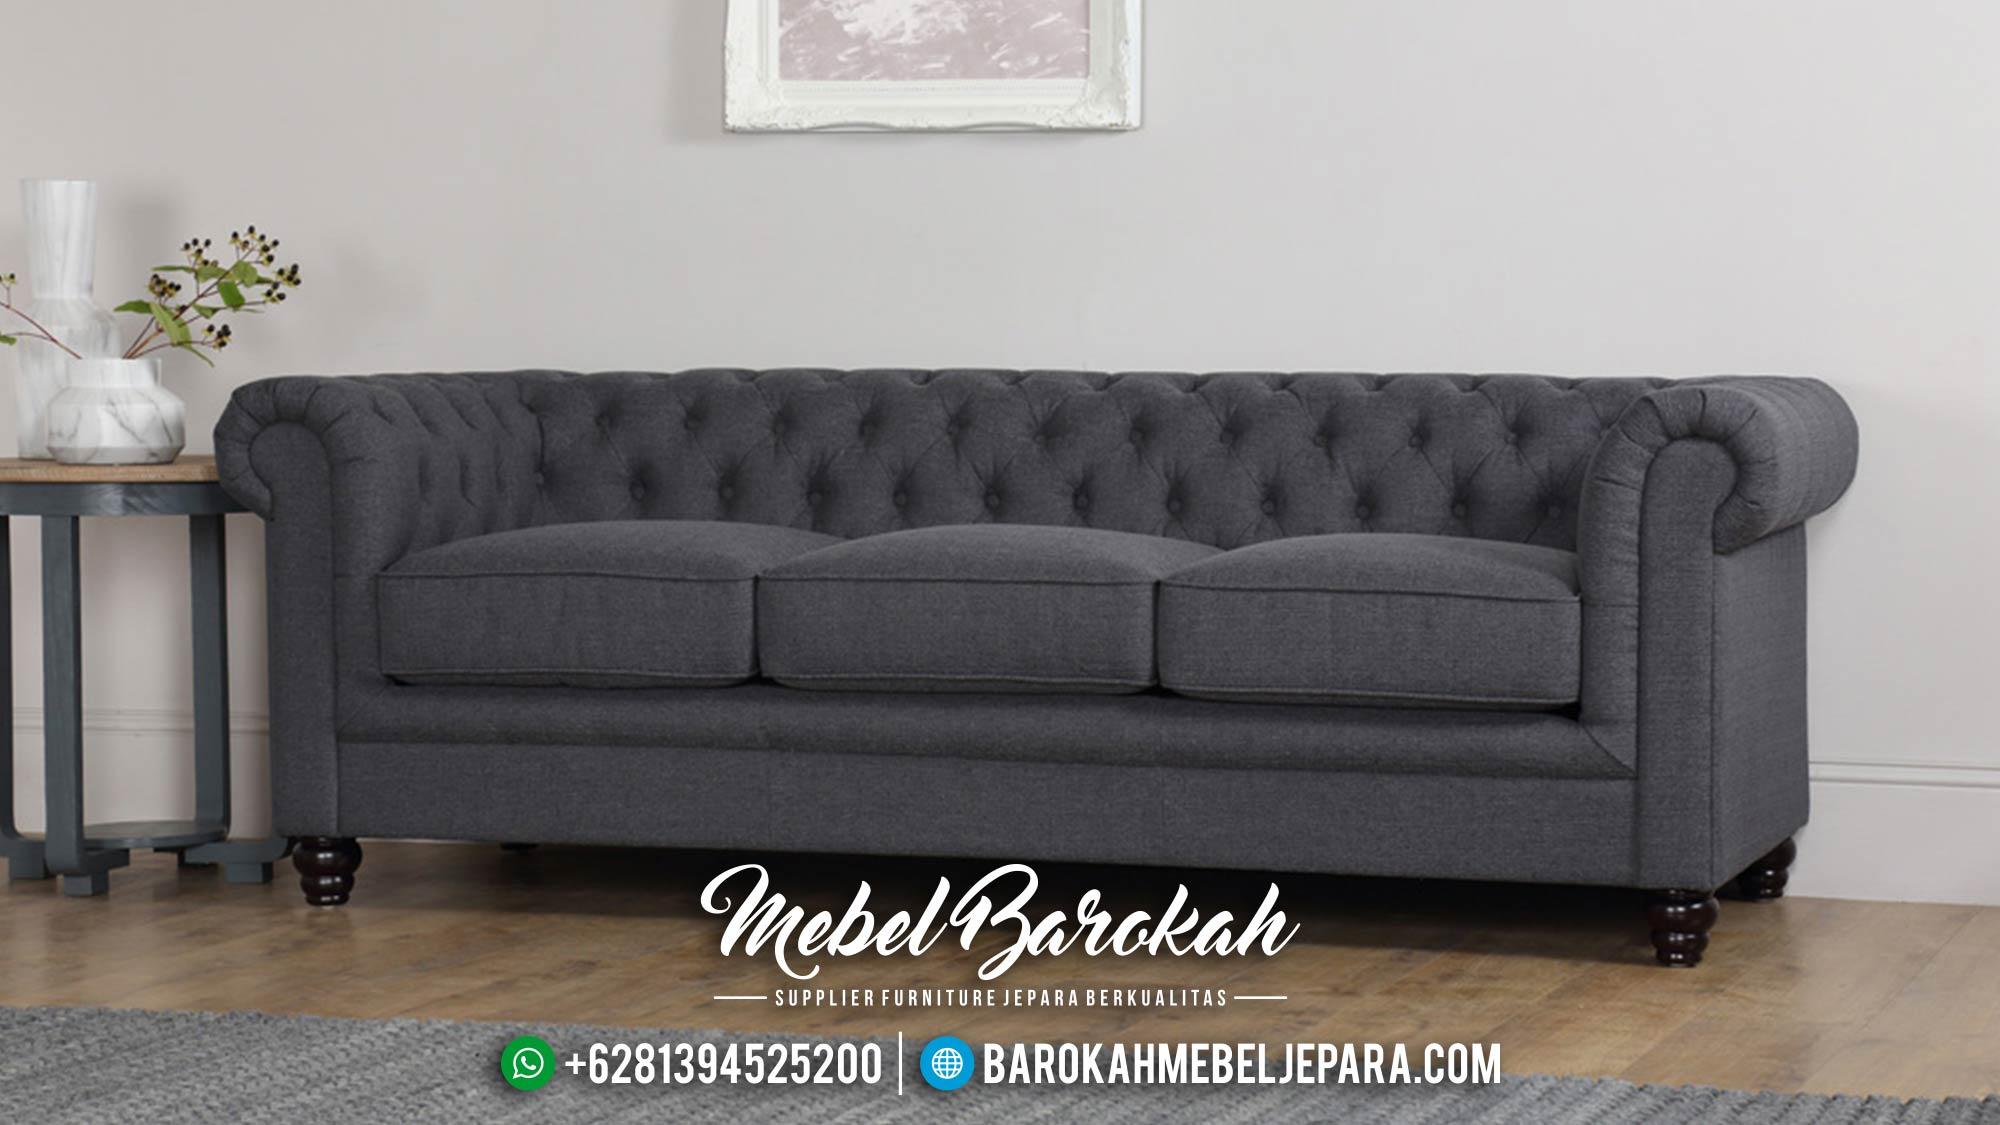 Jual 1 Set Sofa Tamu Mewah Minimalis Jepara Chesterfield MB-0020 Gambar 1